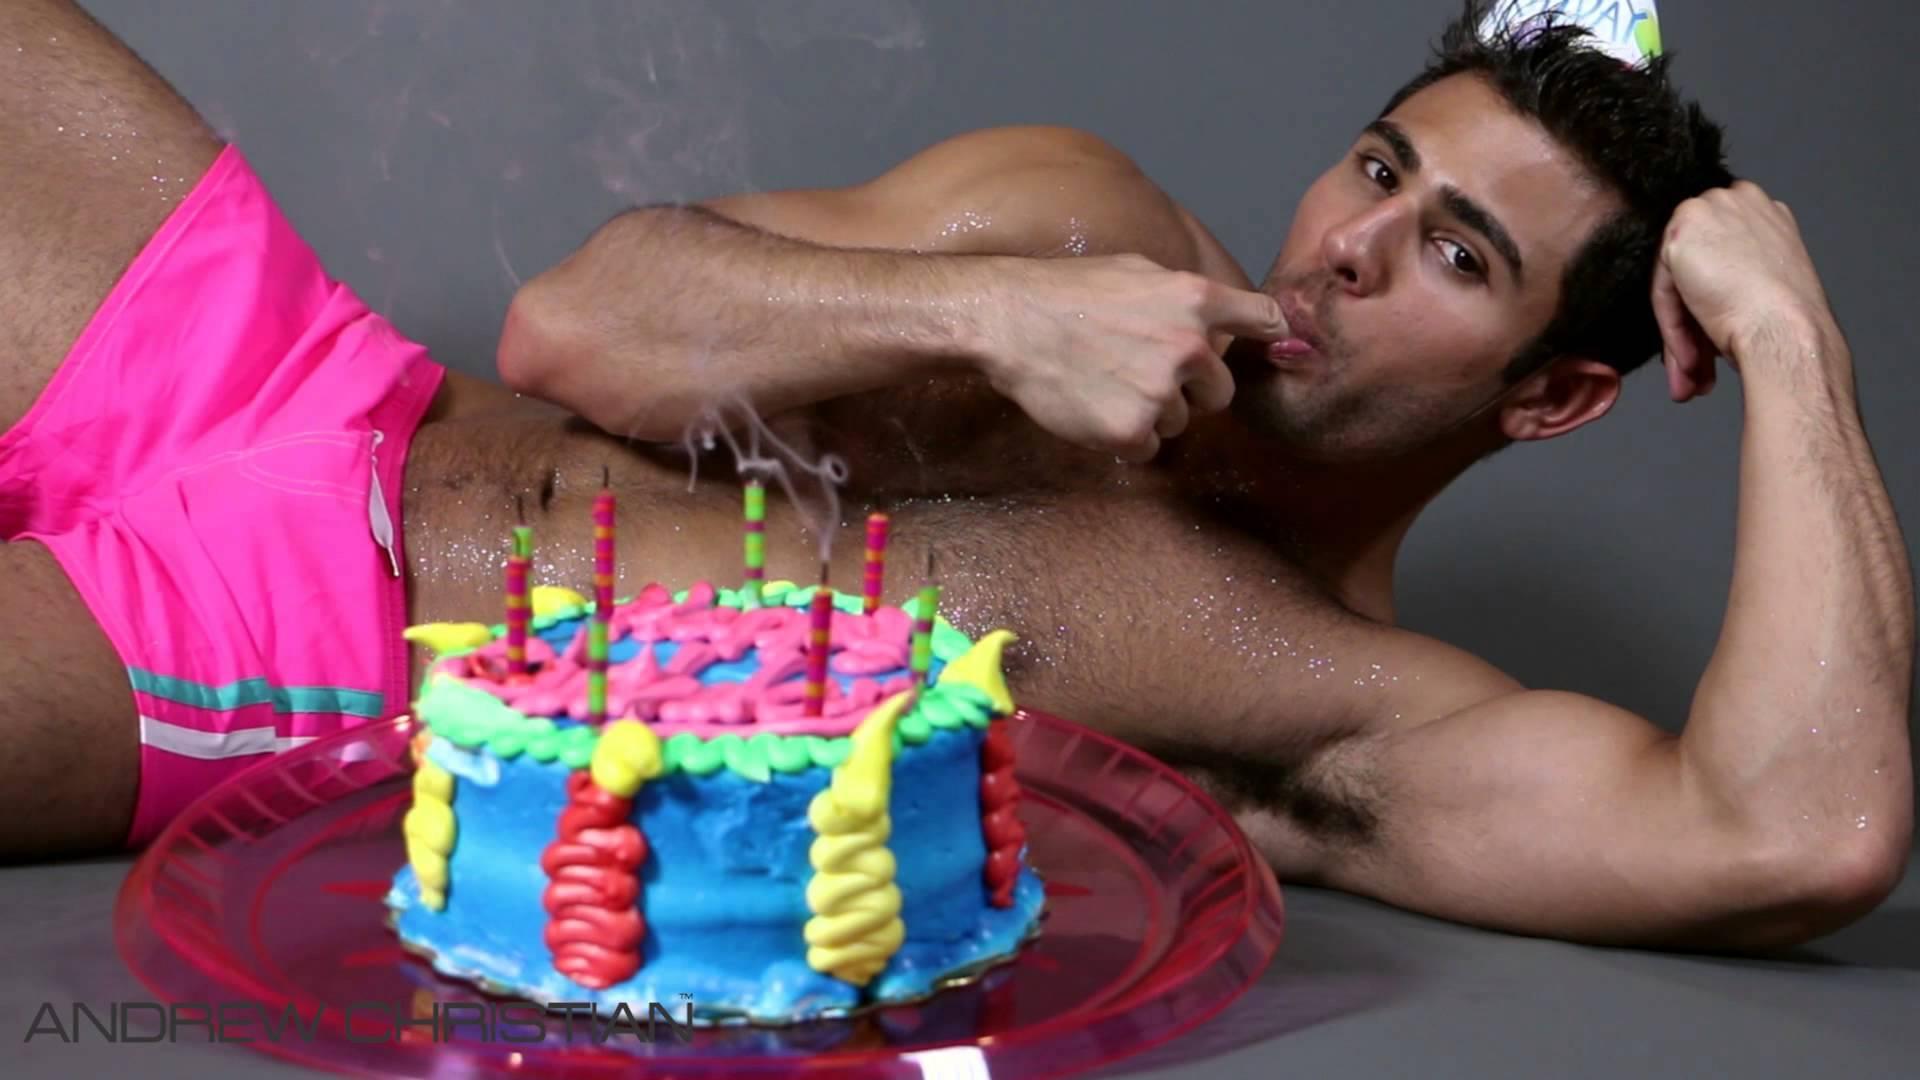 Картинка Обнаженного Мужчины С Днем Рождения